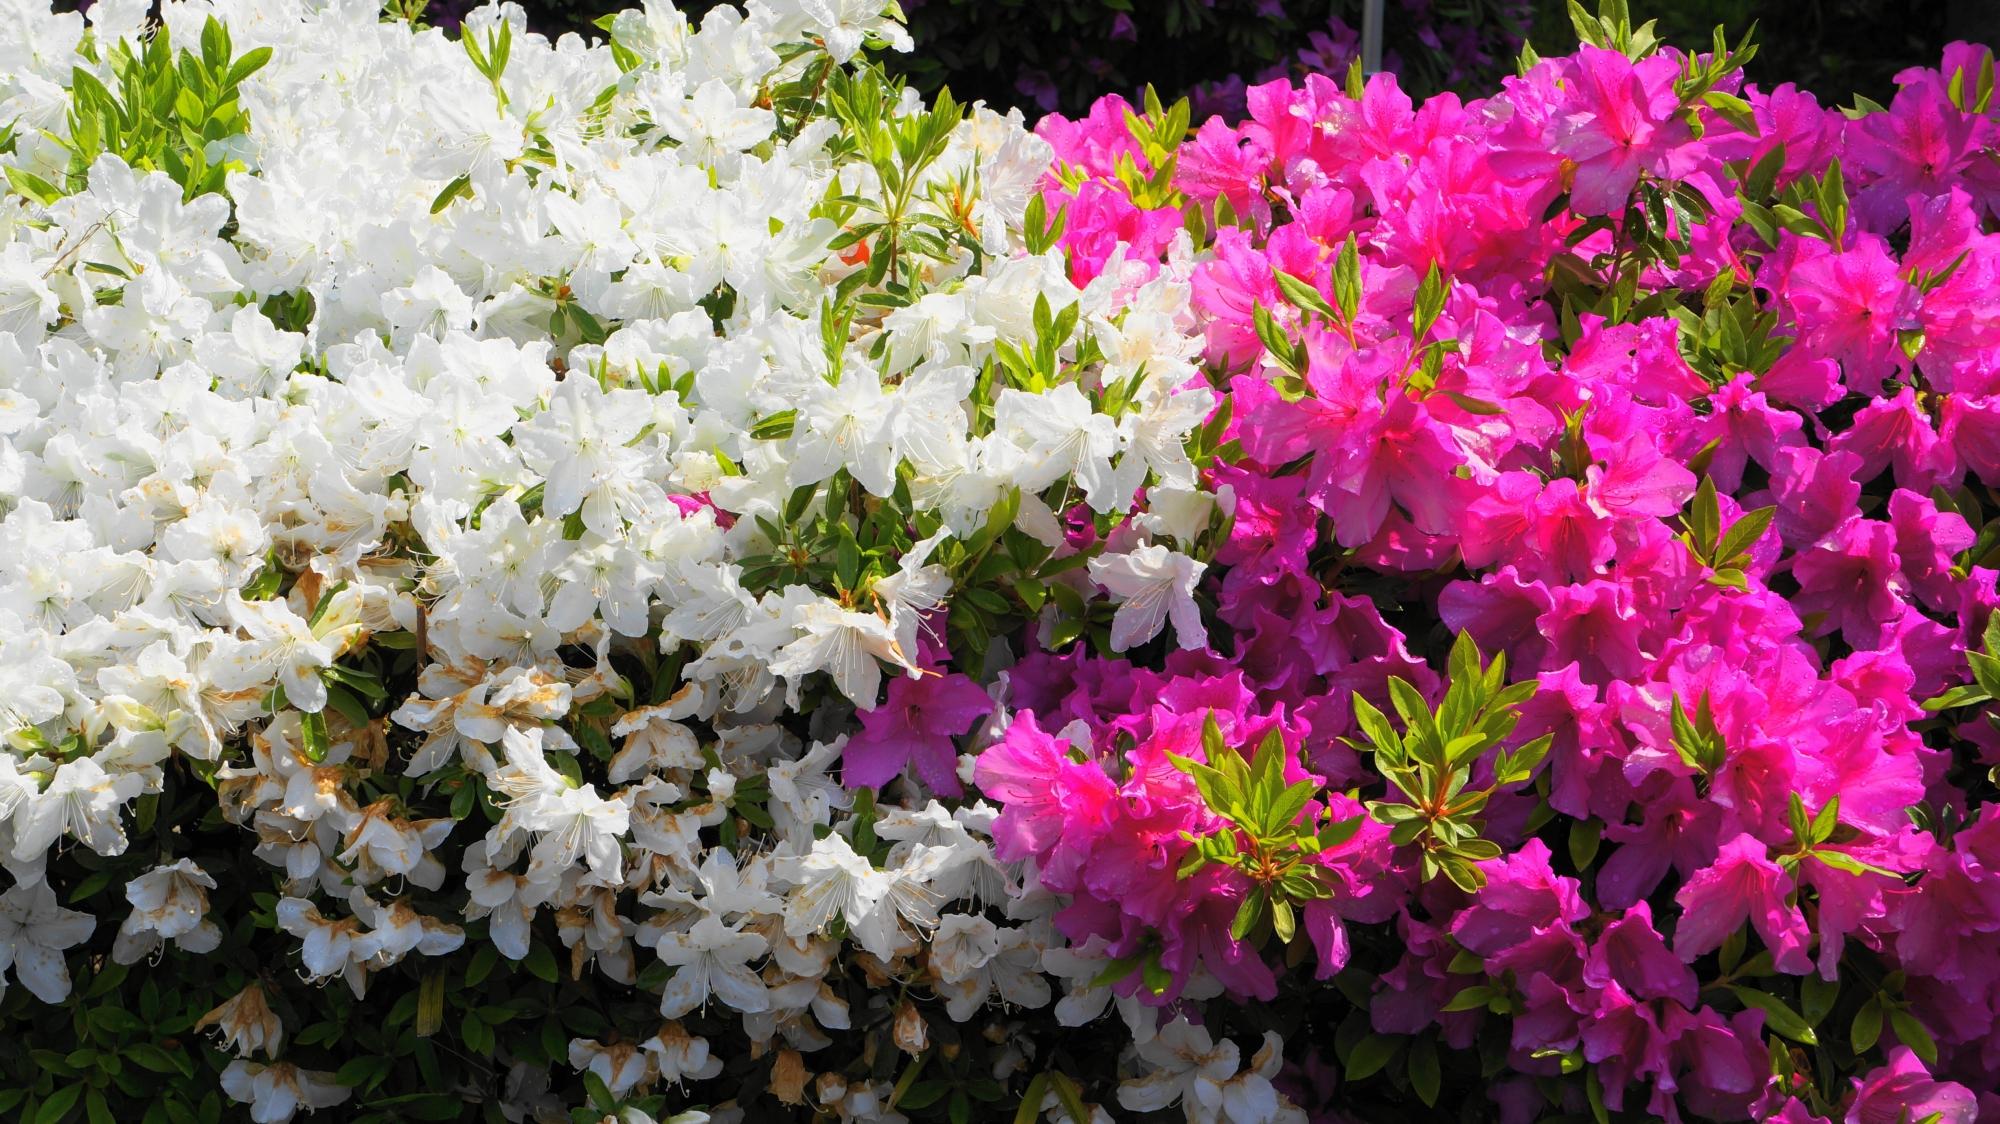 白と紫のいかにもツツジっぽい色の競演